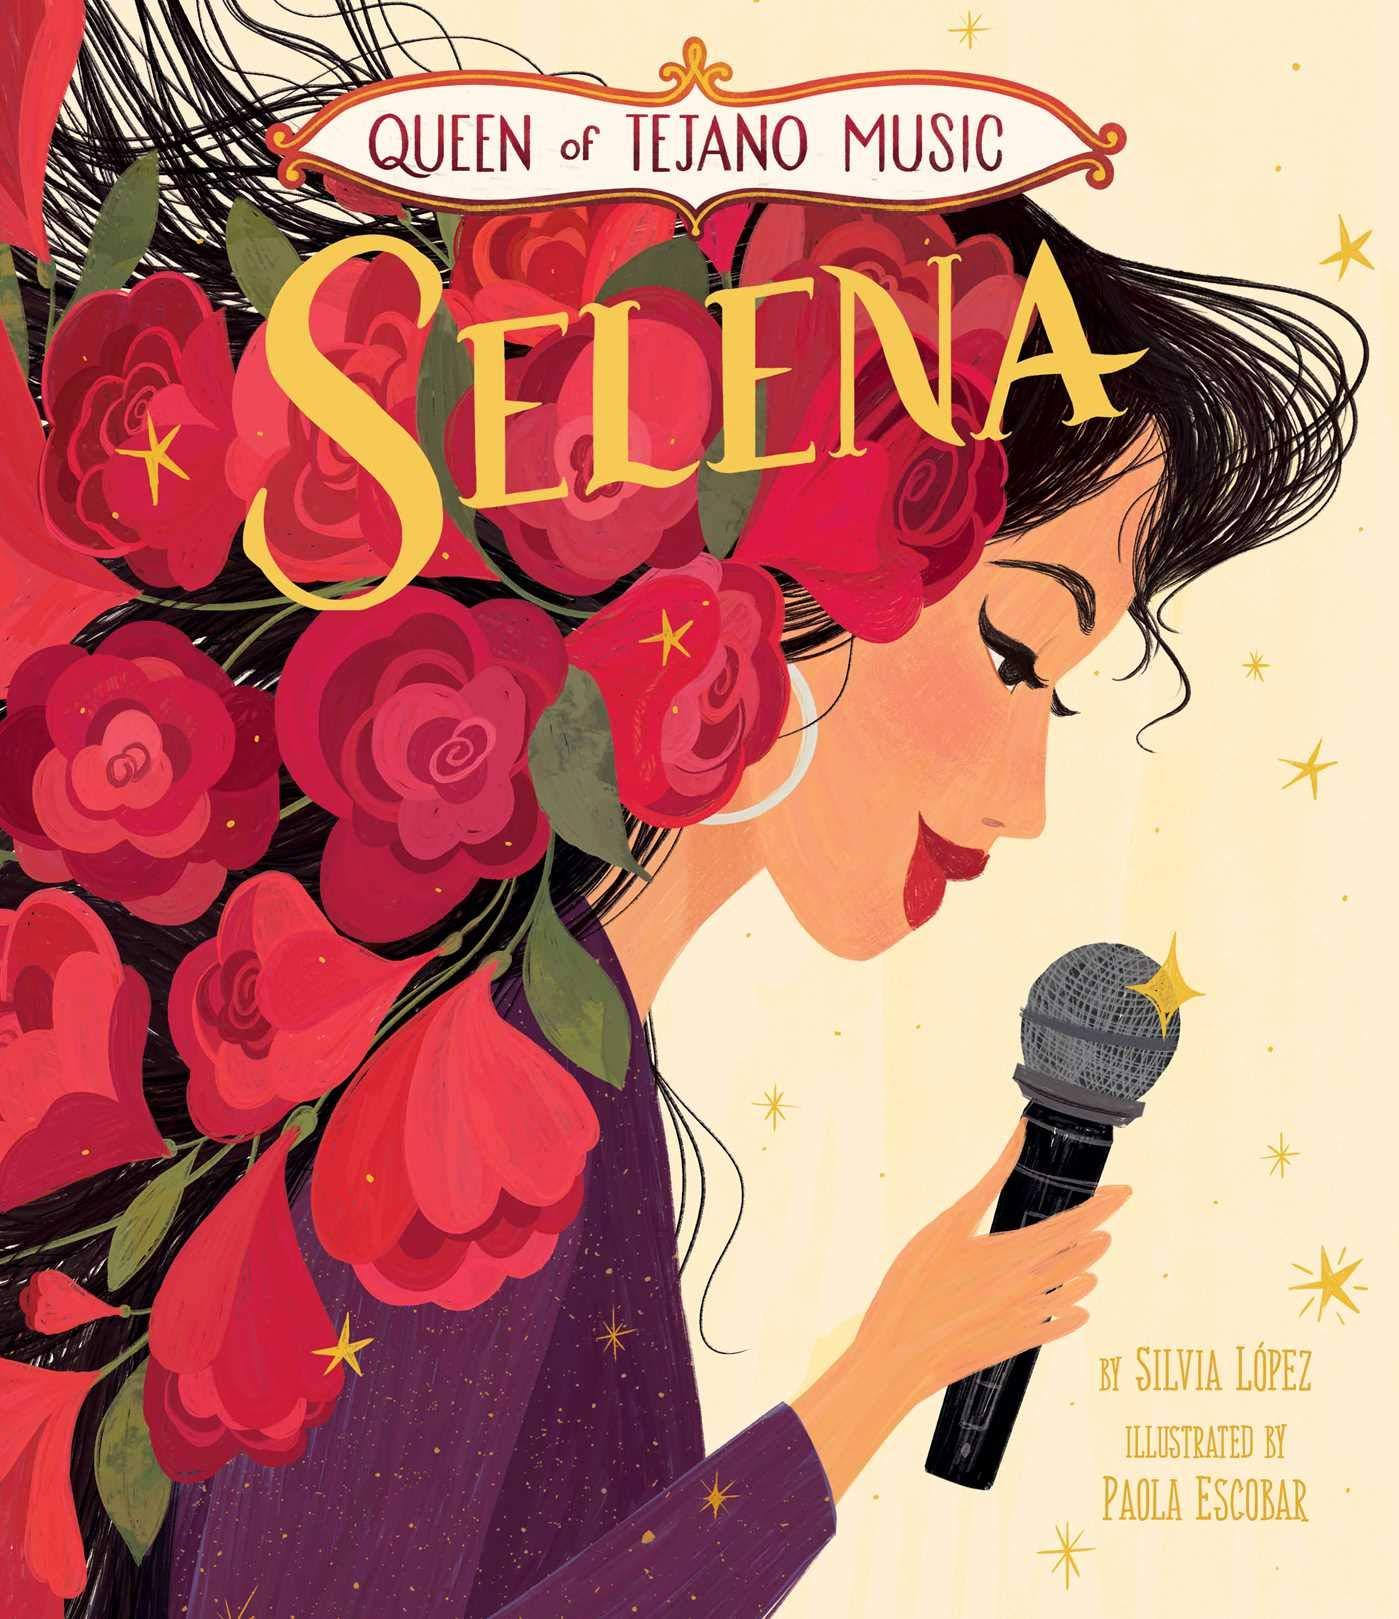 Amazon.com: Queen of Tejano Music: Selena: 9781499811421: López, Silvia,  Escobar, Paola: Books